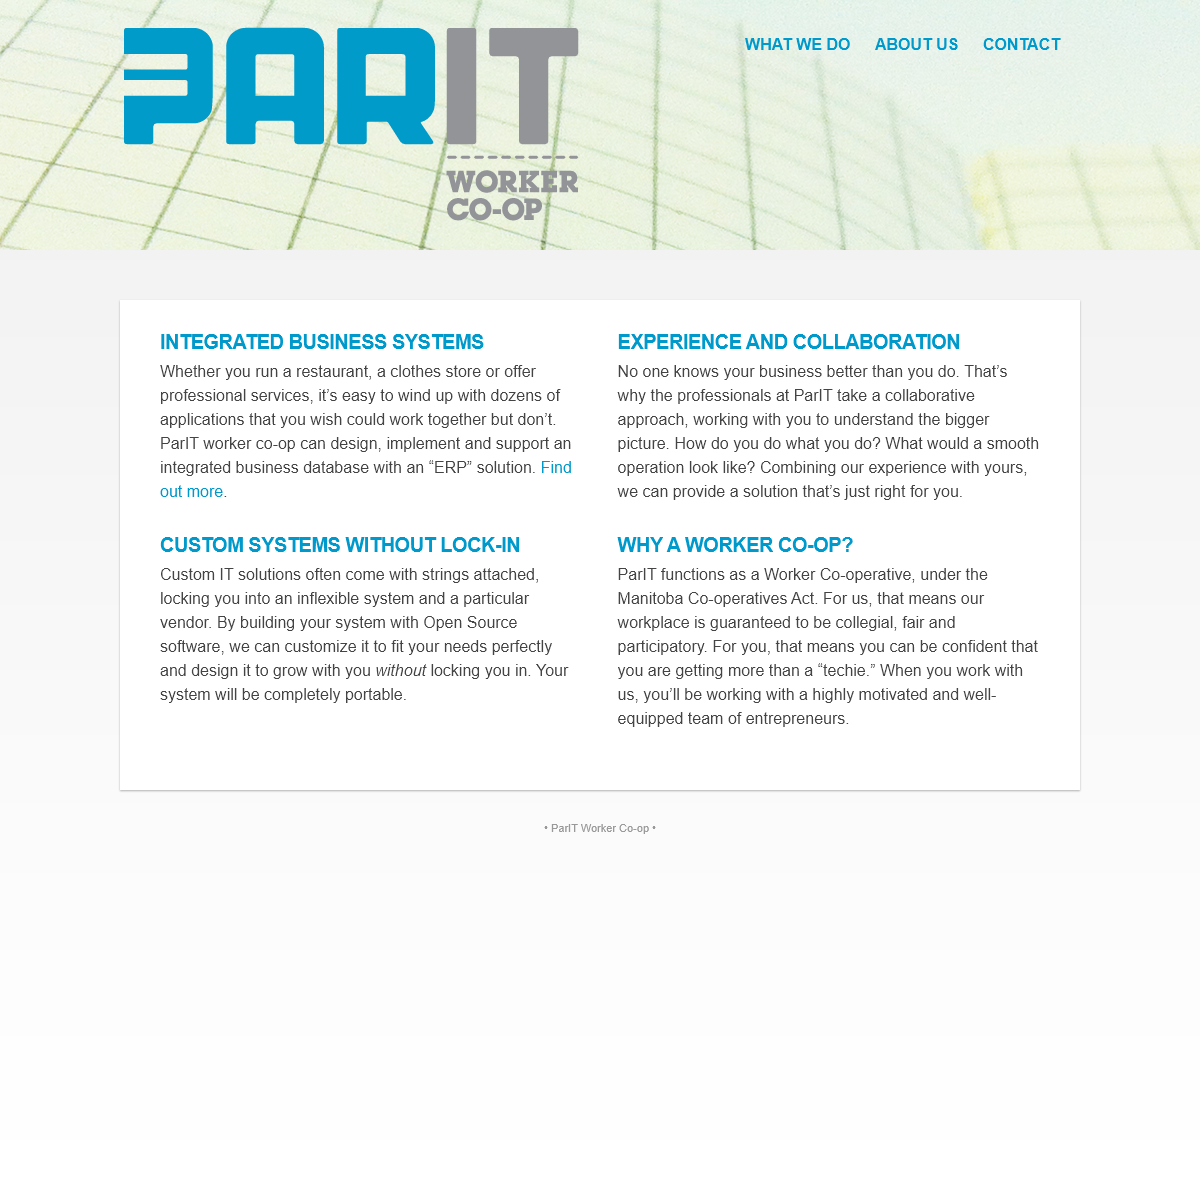 ParIT Worker Co-op